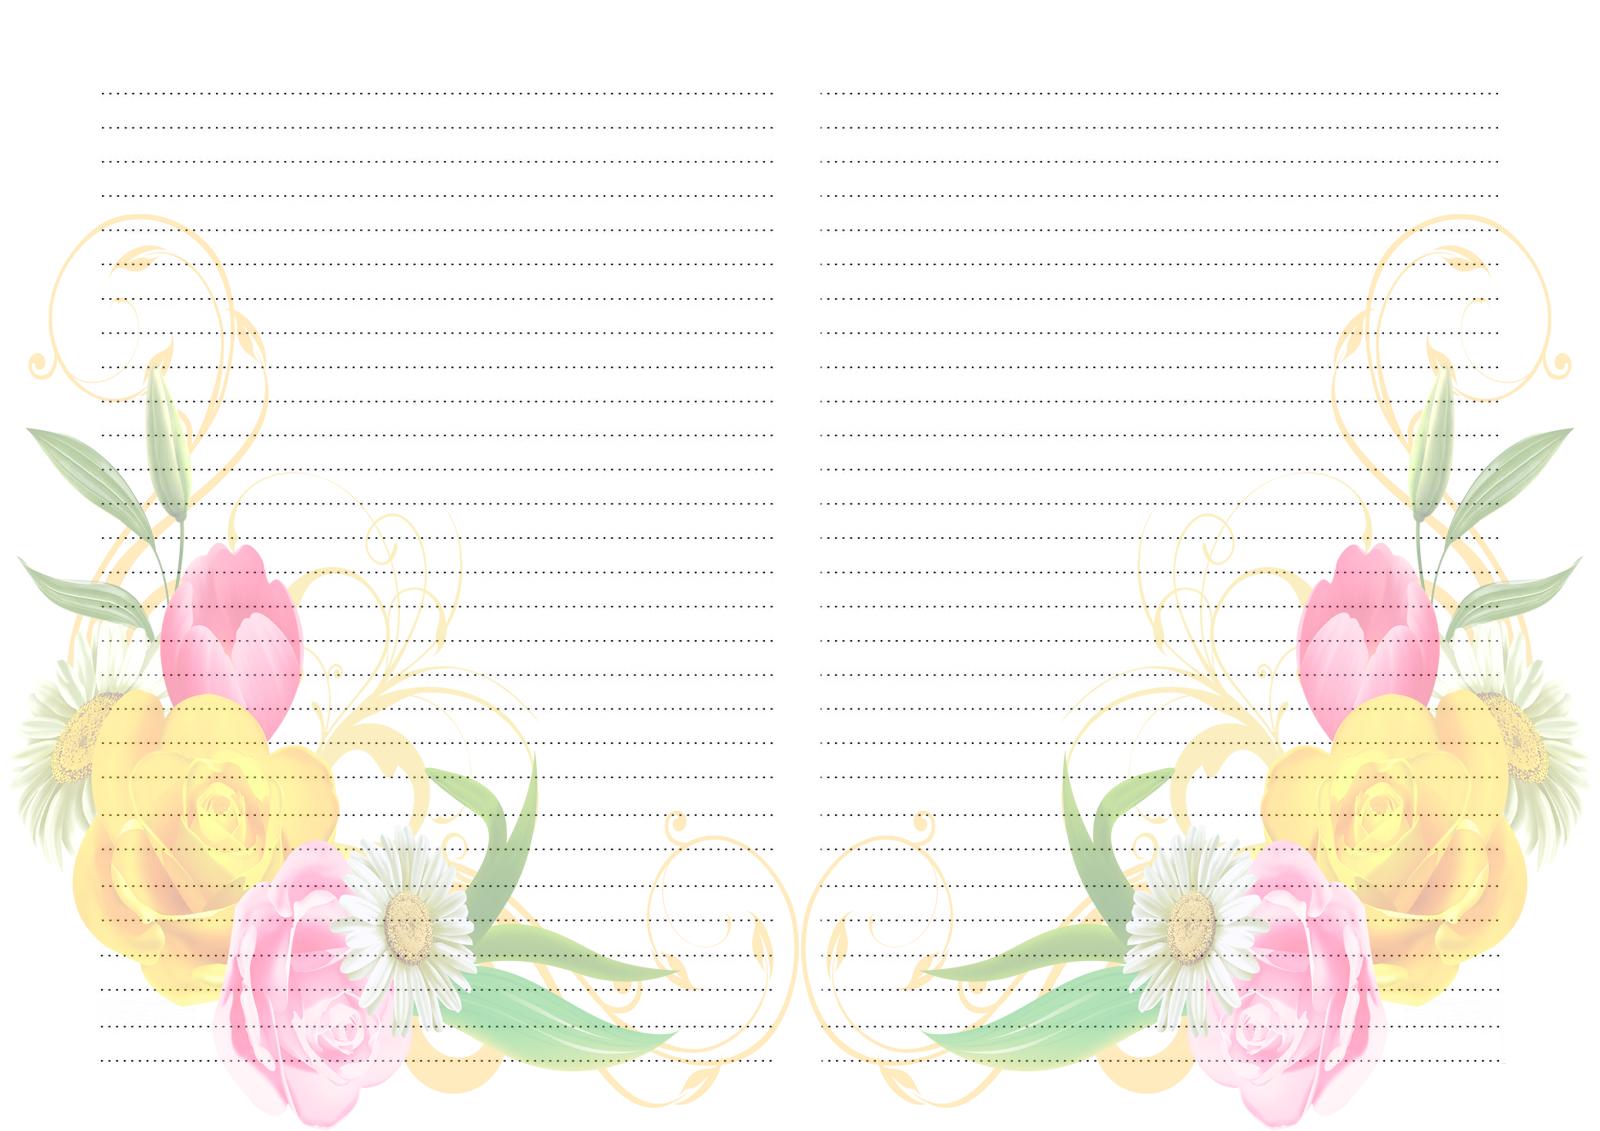 Как сделать себе крутую страничку в вк